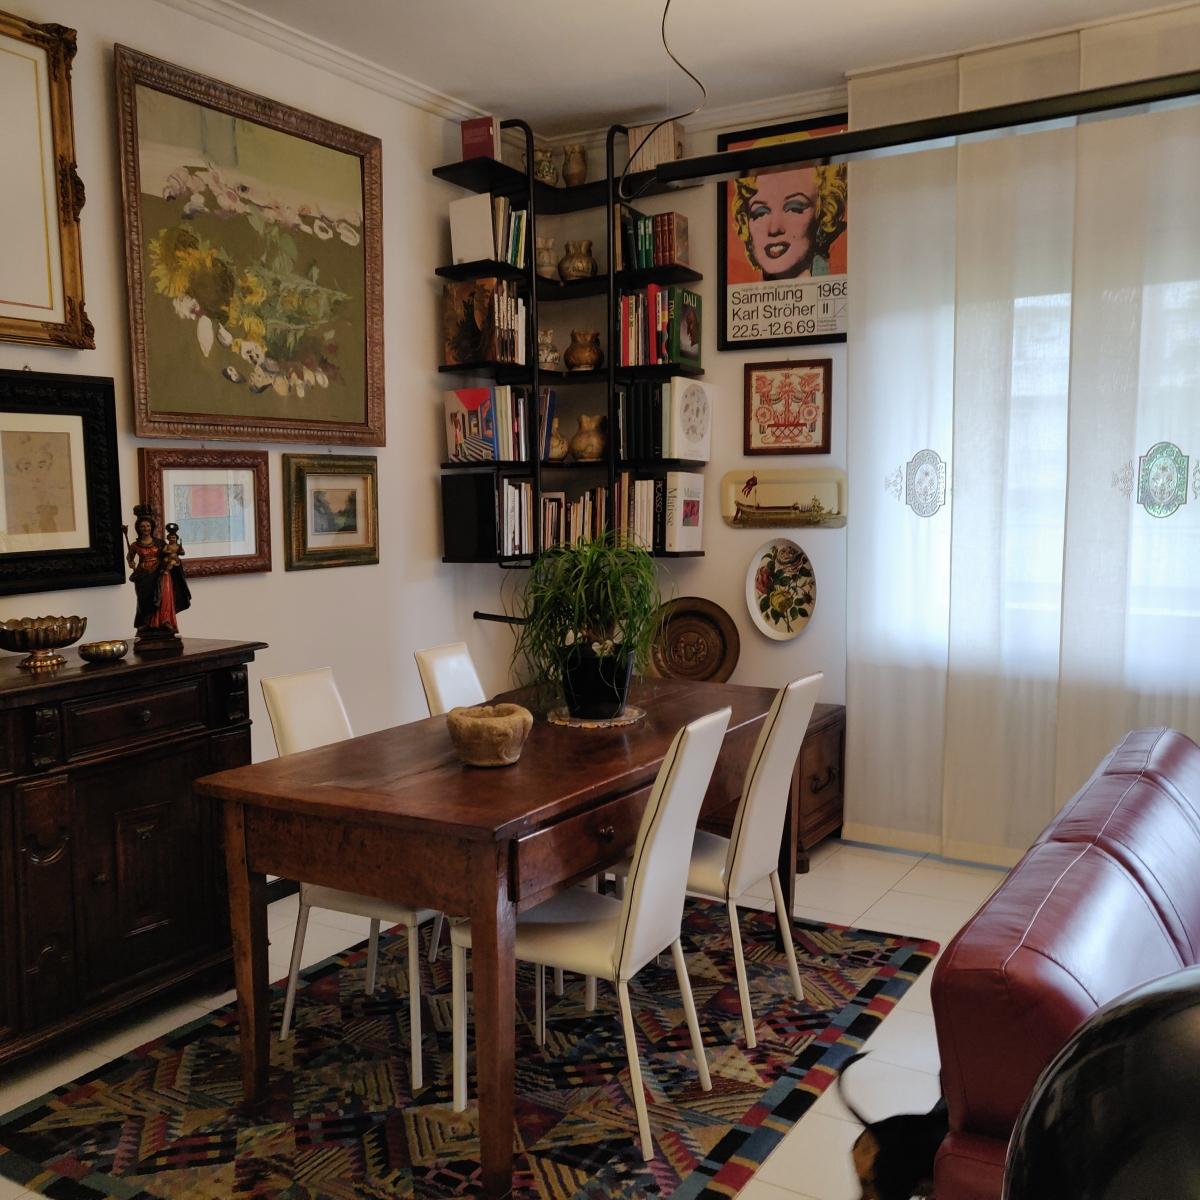 appartamento-in-vendita-baggio-via-gianella-3-locali-spaziourbano-immobiliare-vende-2